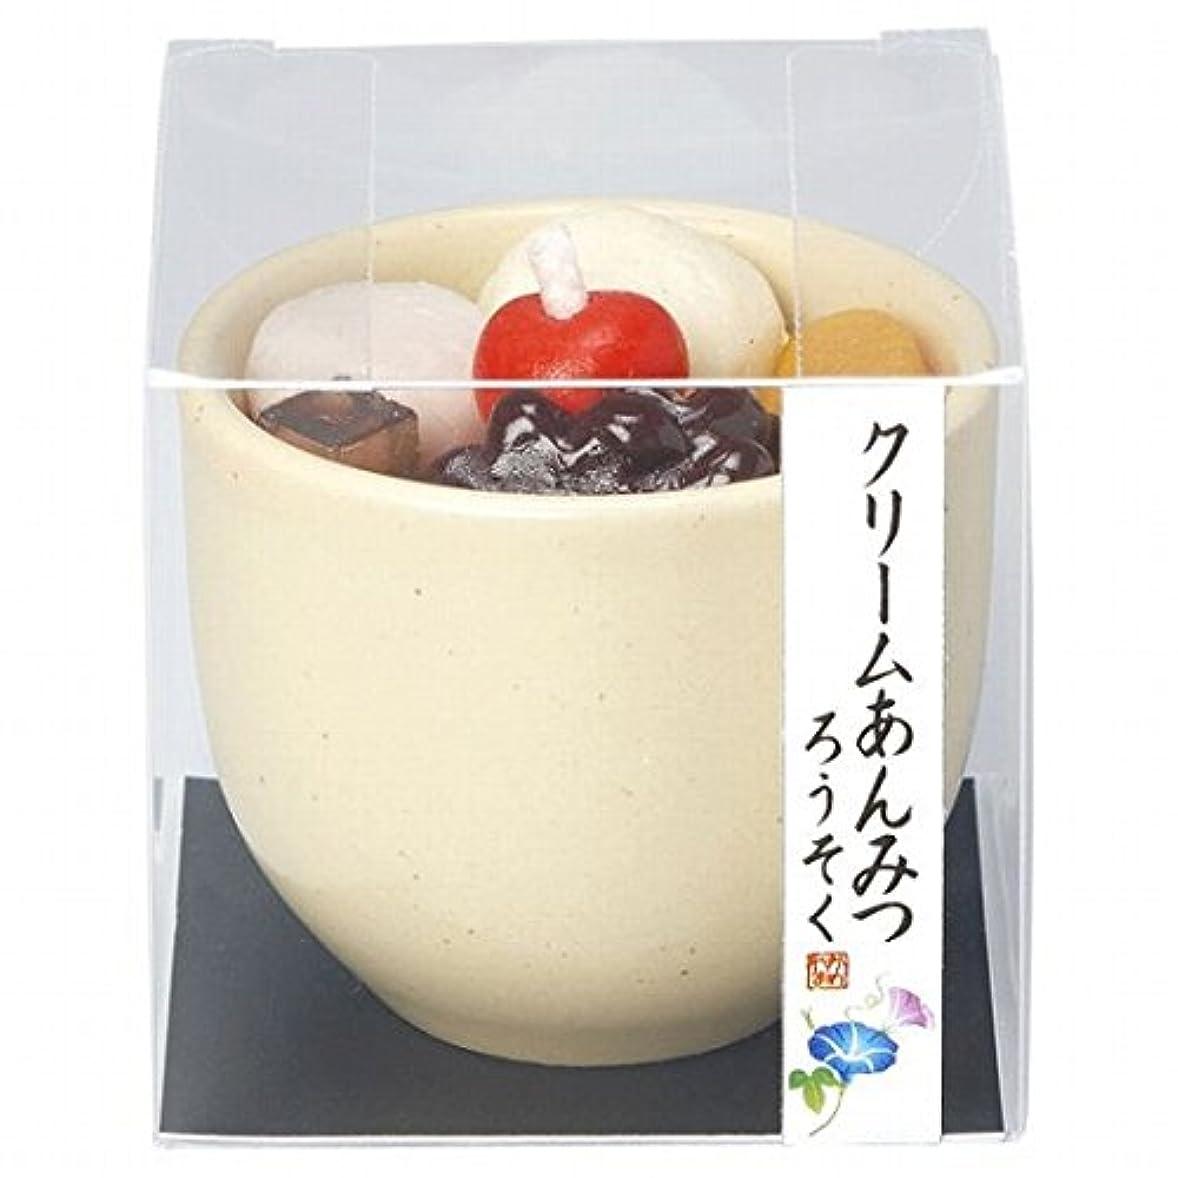 ピボットエレクトロニッククラスカメヤマキャンドル( kameyama candle ) クリームあんみつキャンドル